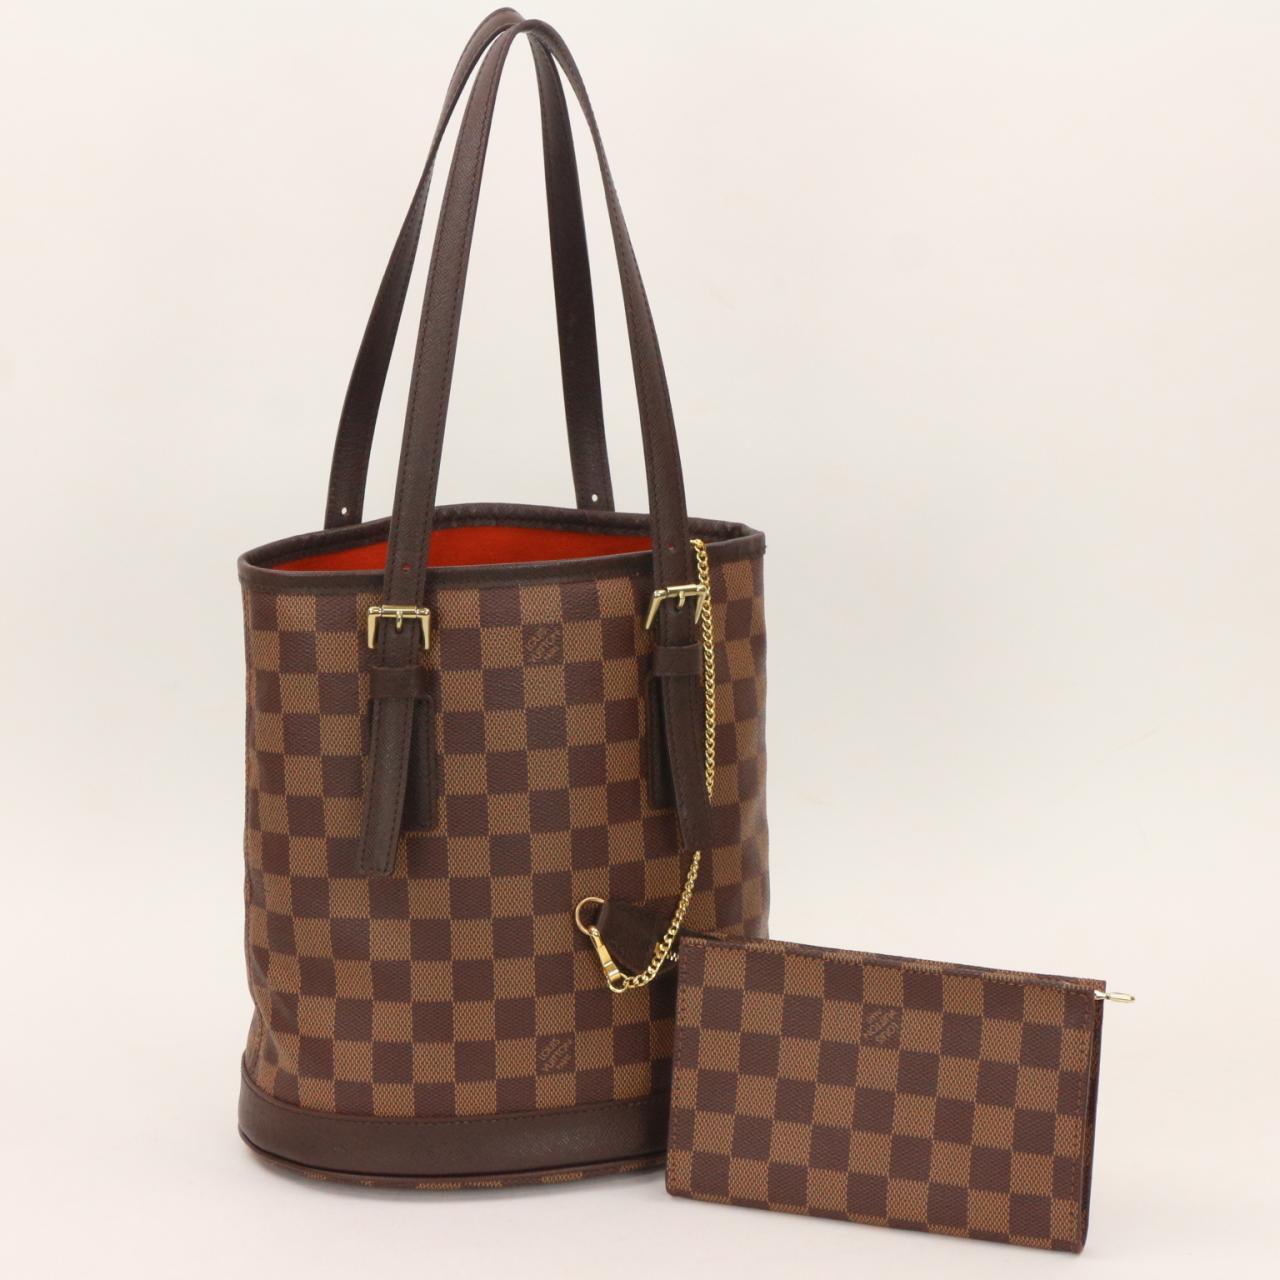 2d7d9389df59 Authentic LOUIS VUITTON Damier Ebene Marais Bucket Tote Bag ...